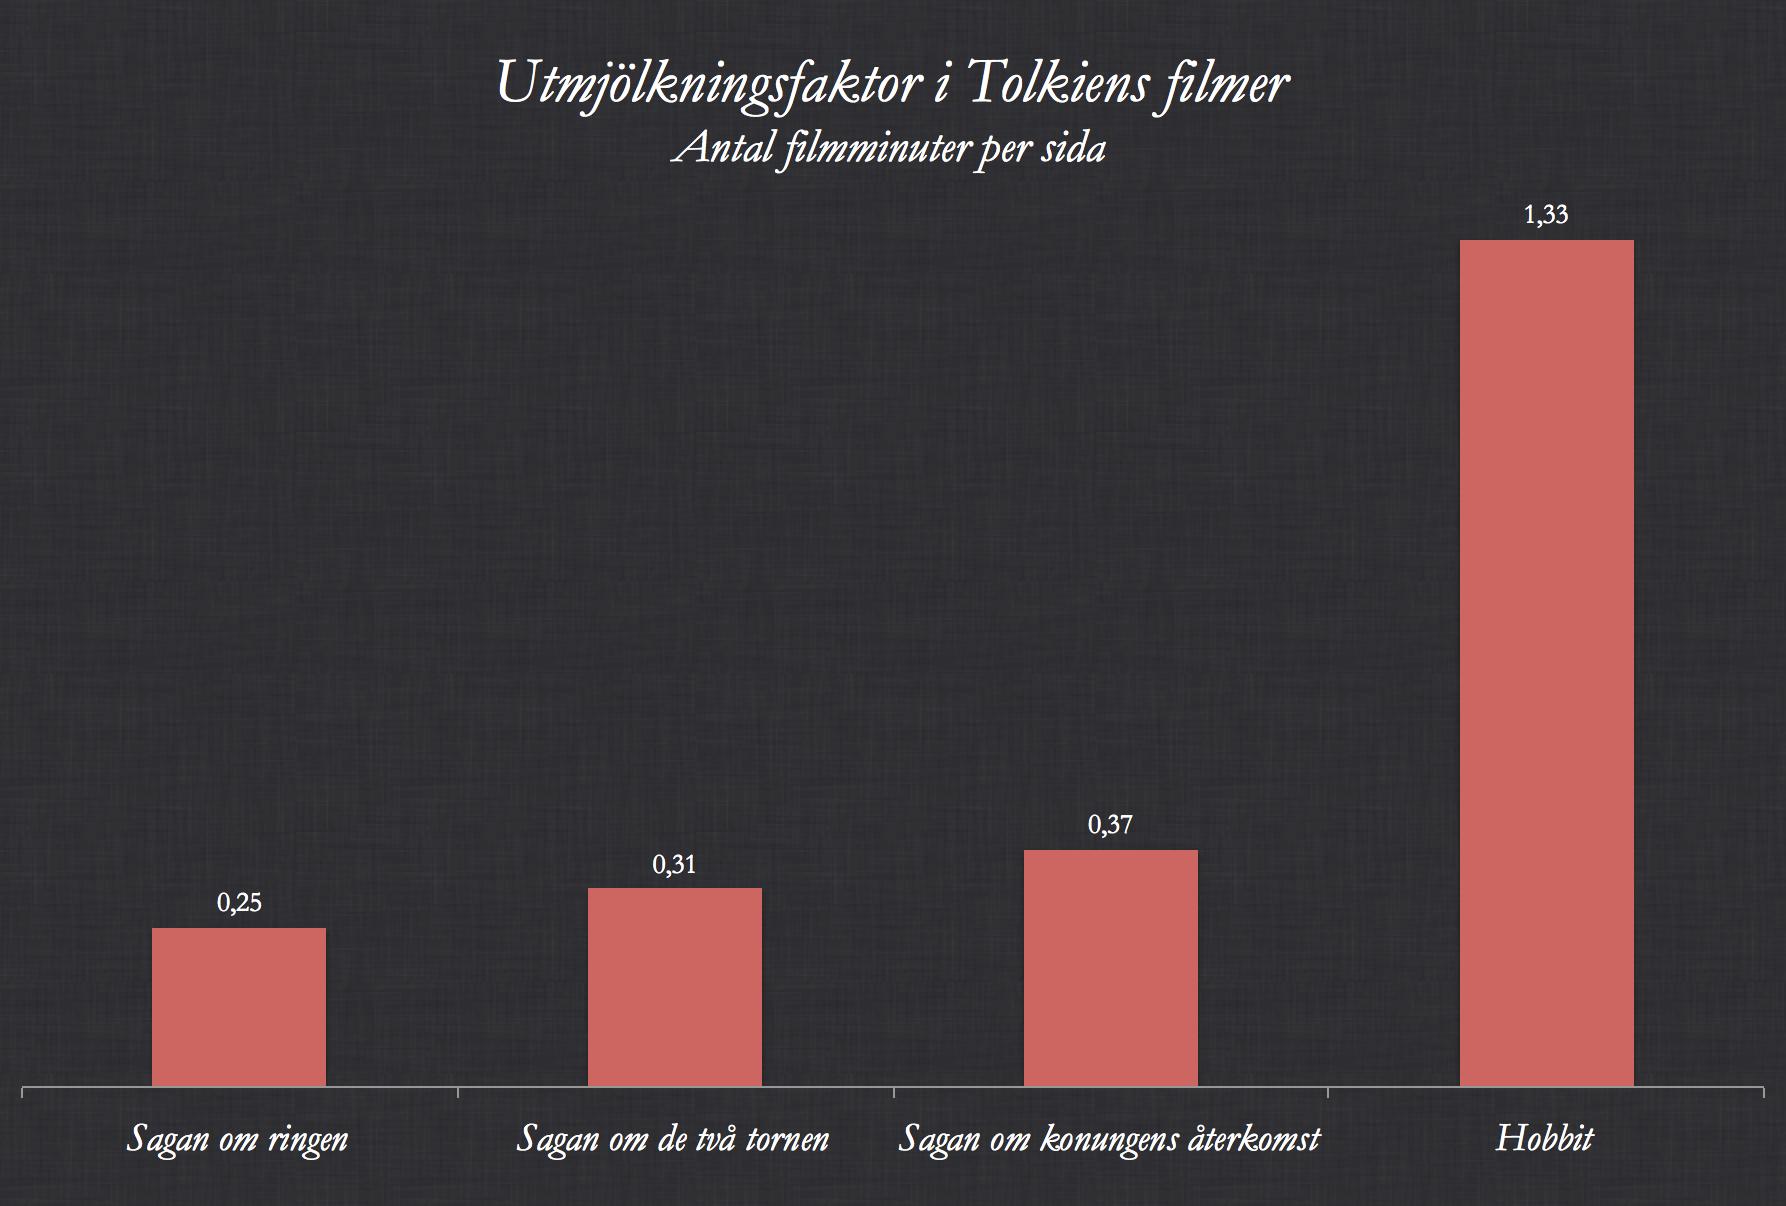 Utmjölkningsfaktor i Tolkien-filmer